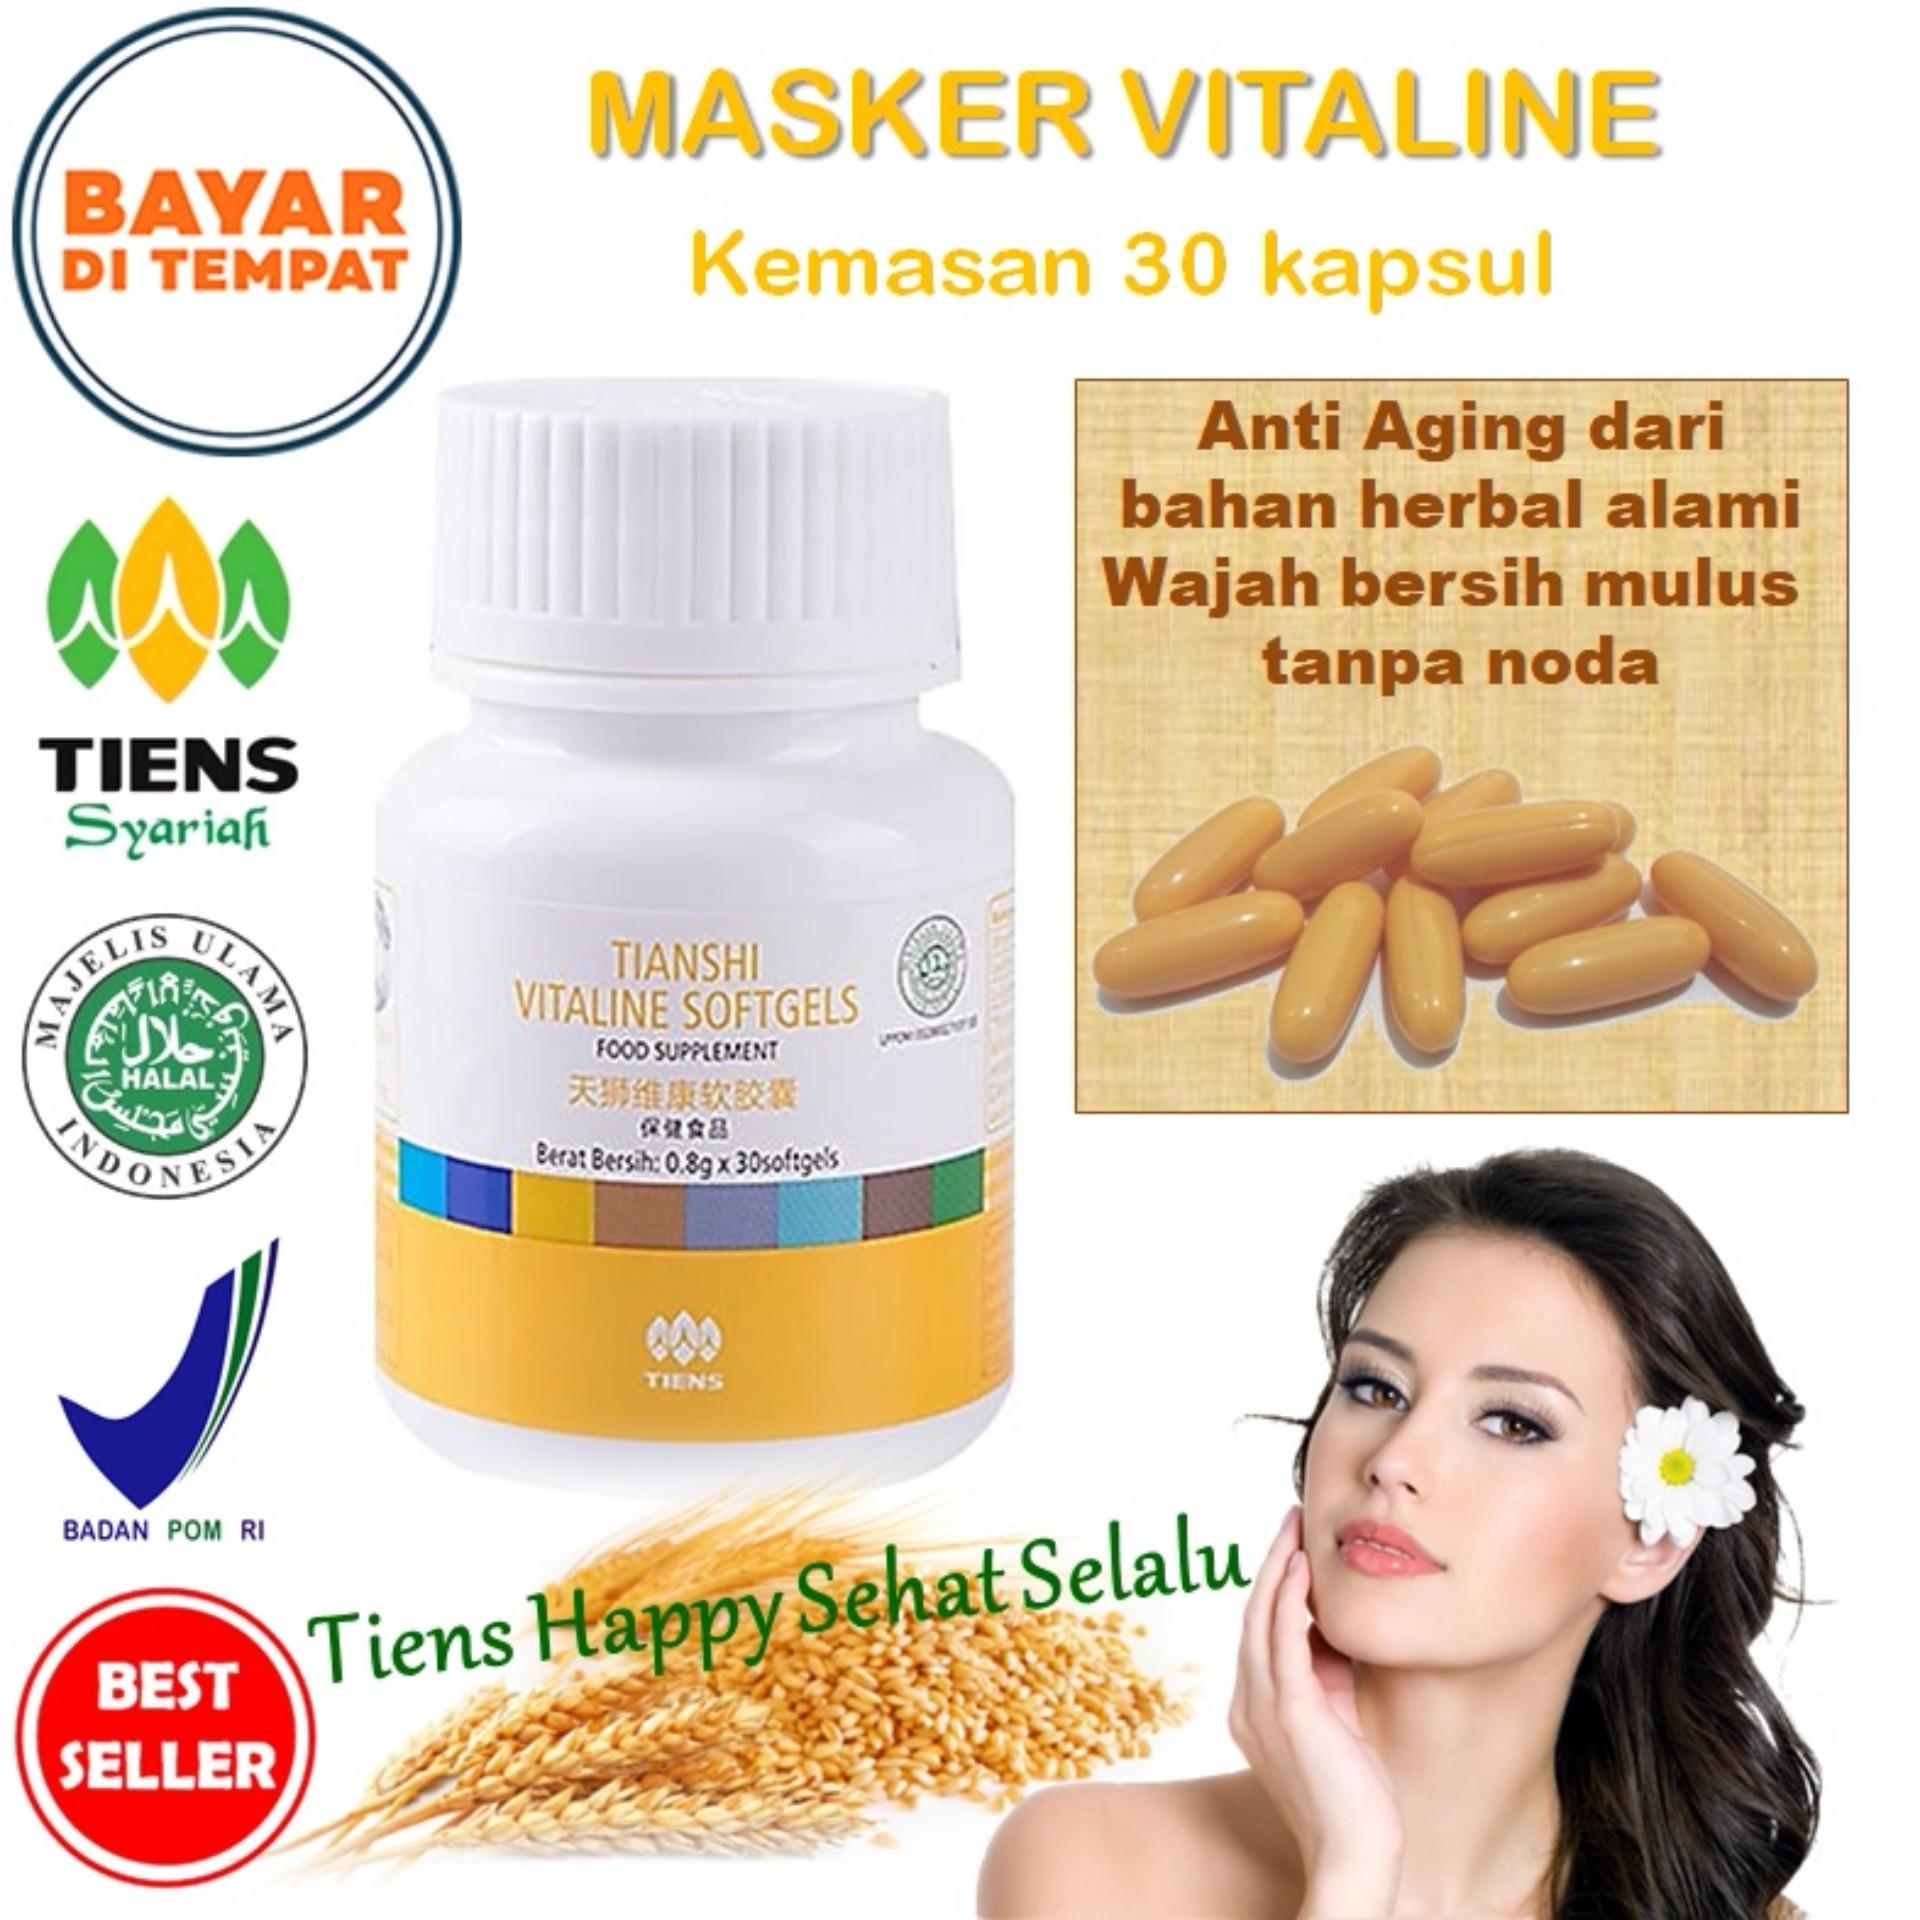 Jual Beli Tiens Vitaline Vitamin E Pembersih Flek Jerawat 30 Kapsul By Tiens Happy Sehat Selalu Promo Di Indonesia